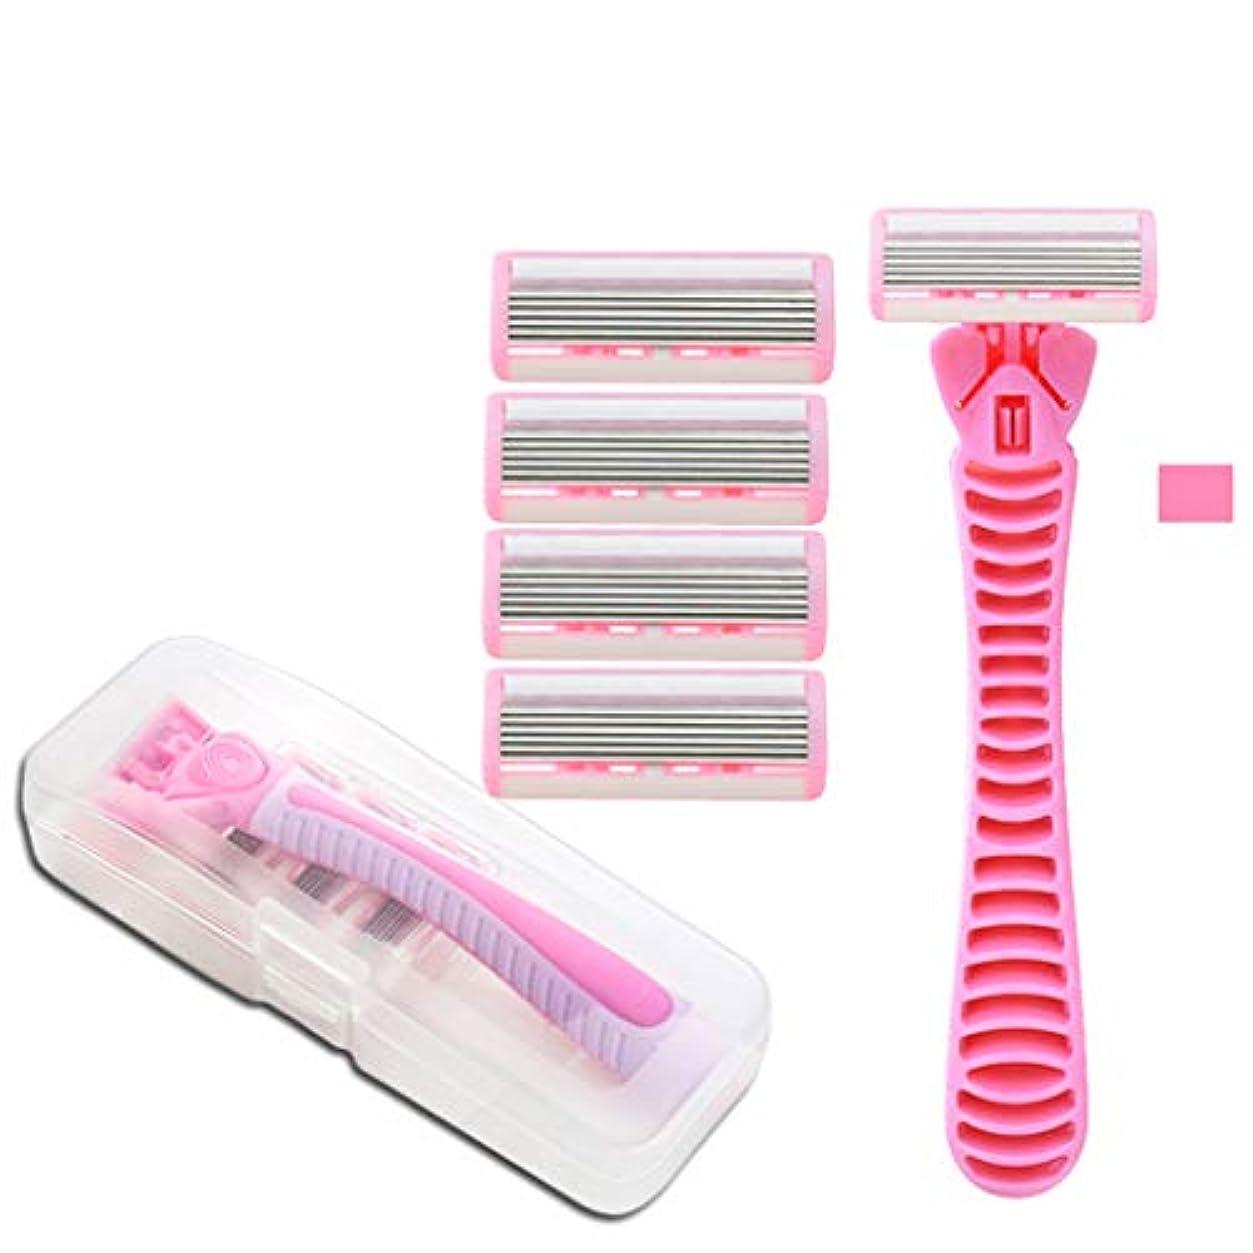 製造脳葉脇の下および足の根のために適した男女兼用シェービングナイフの女性の毛の取り外しのナイフ,Pink